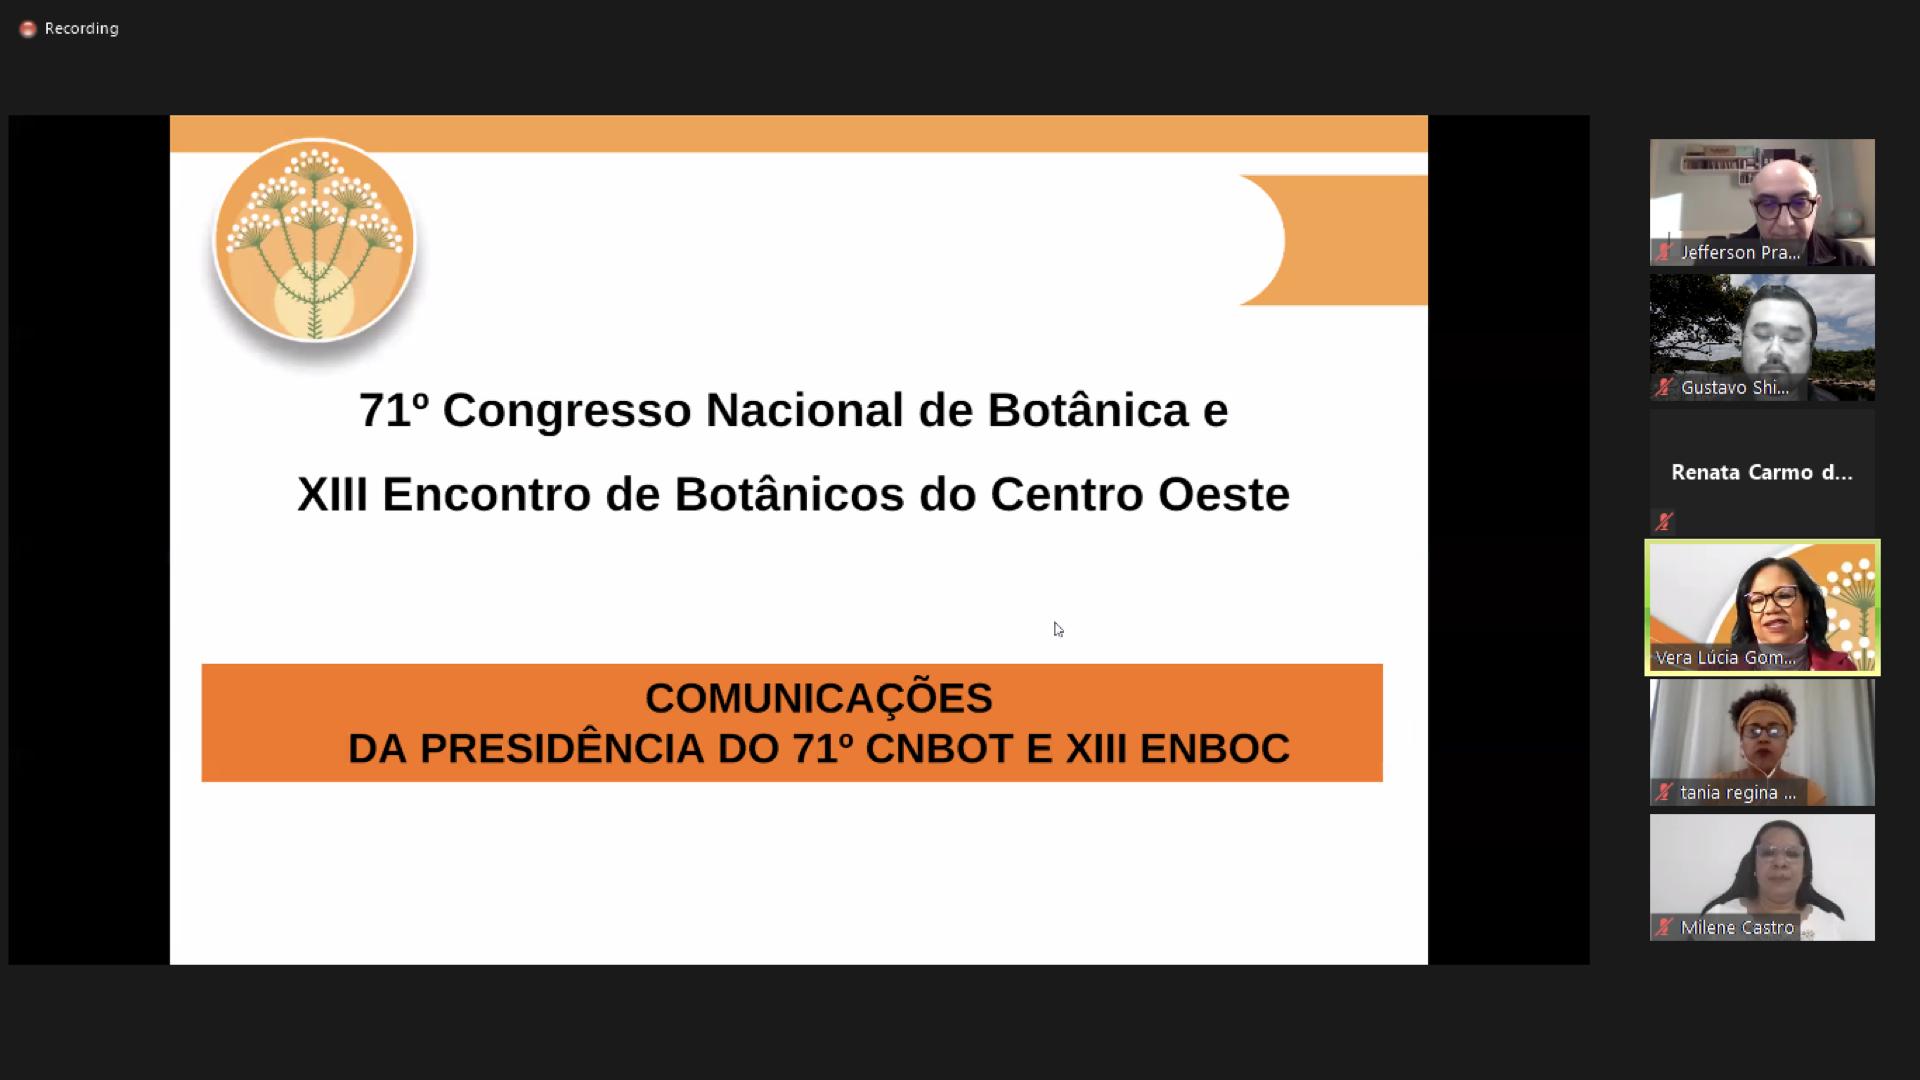 Evento - 71 Congresso Nacional de Botanica - Assembleia 2